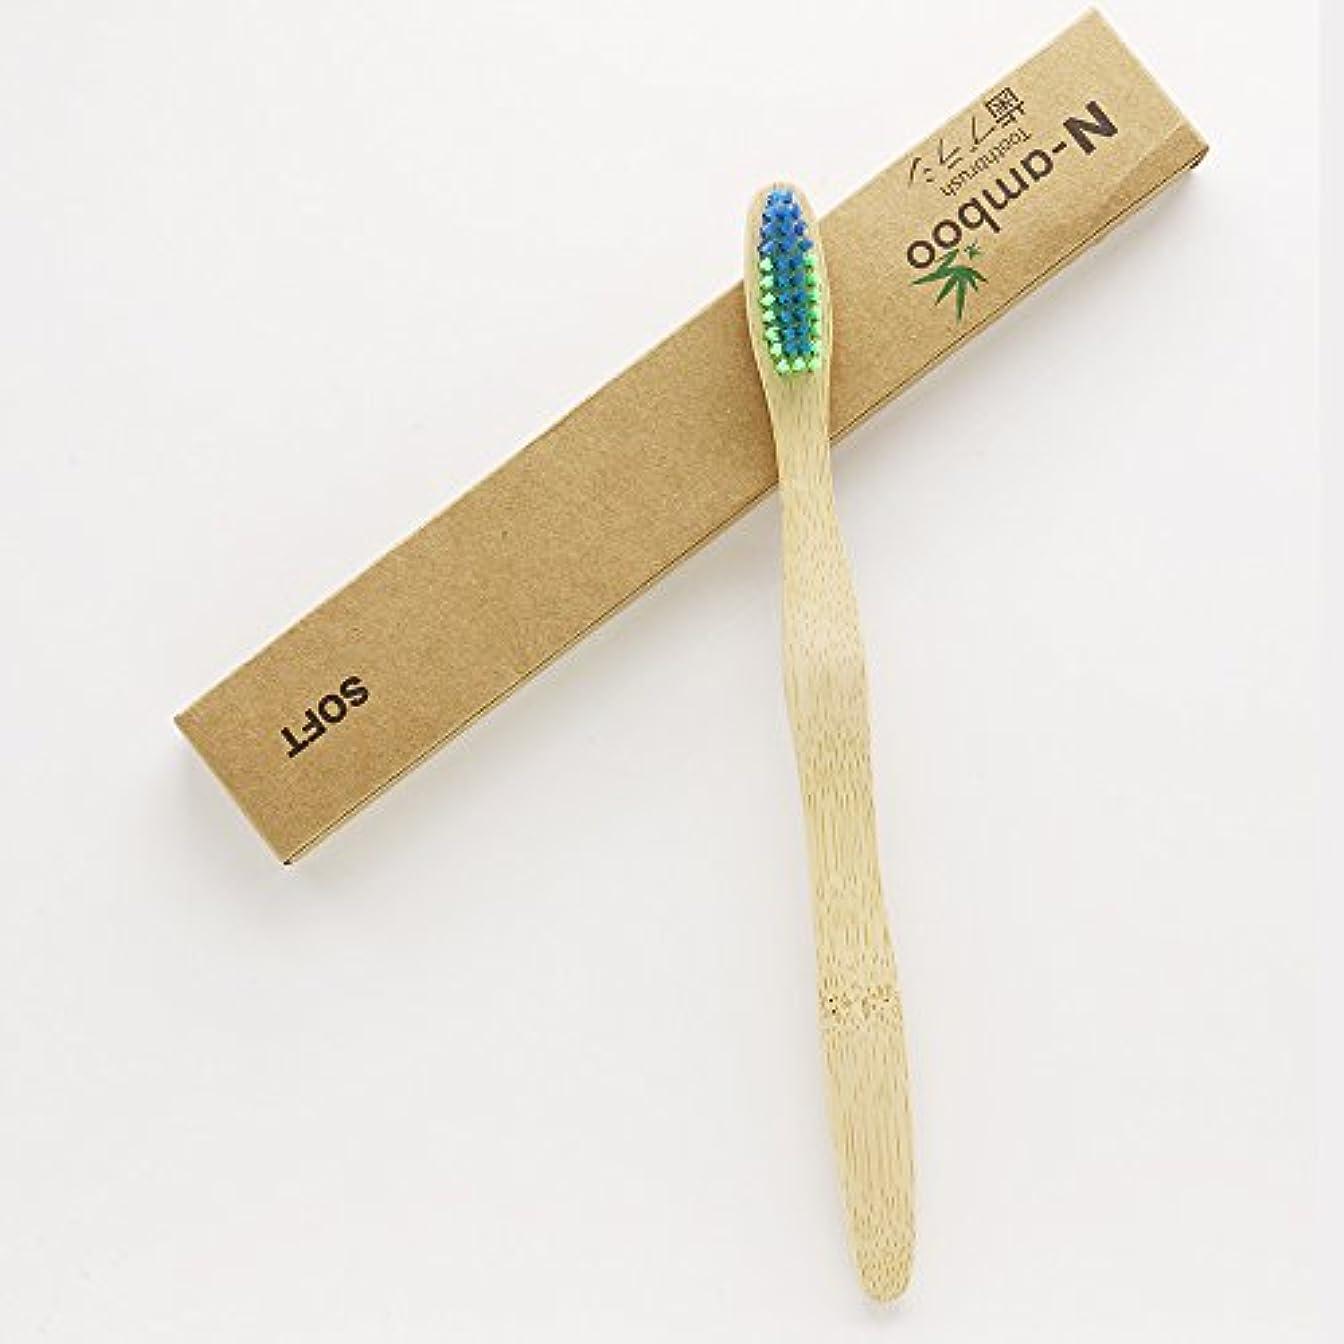 チート長方形祝福N-amboo 竹製耐久度高い 歯ブラシ 青と緑色  1本入り